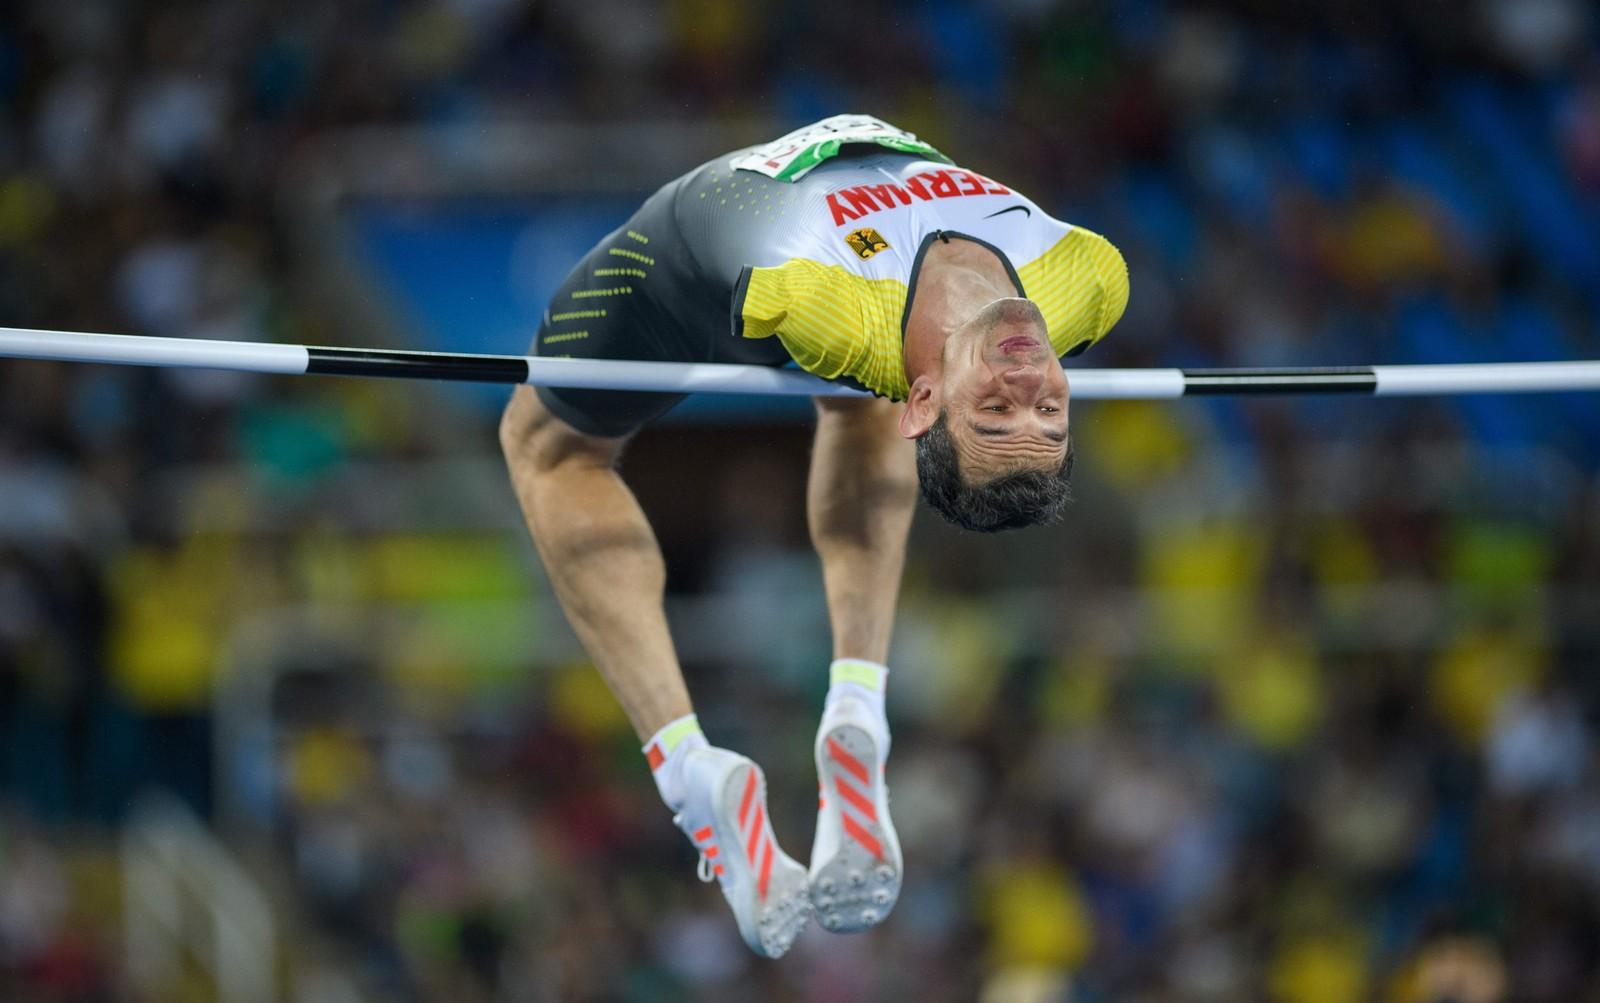 Tyske Reinhold Boetze i aksjon i høyde under Paralympics i Rio de Janeiro 16. september.